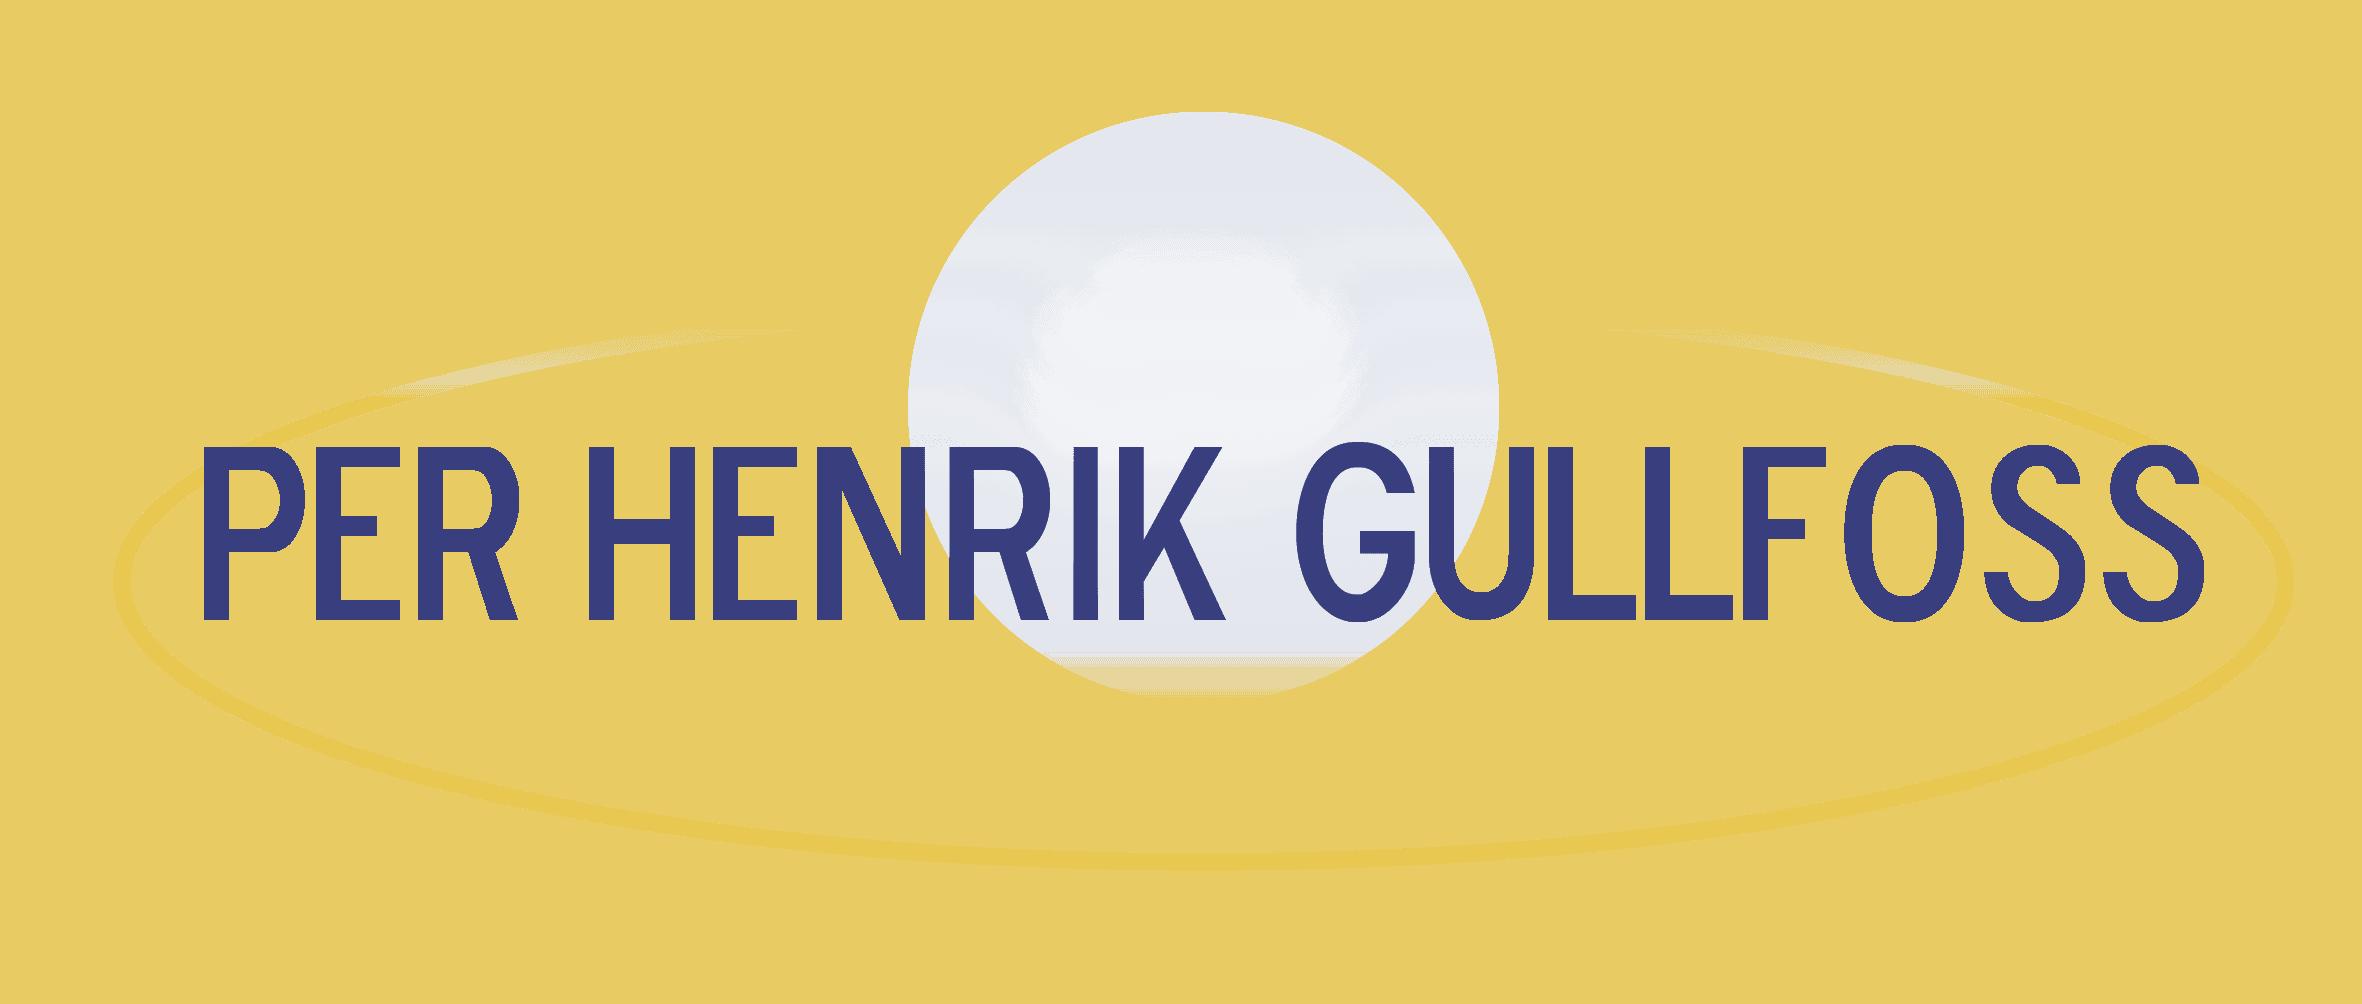 Per Henrik Gullfoss